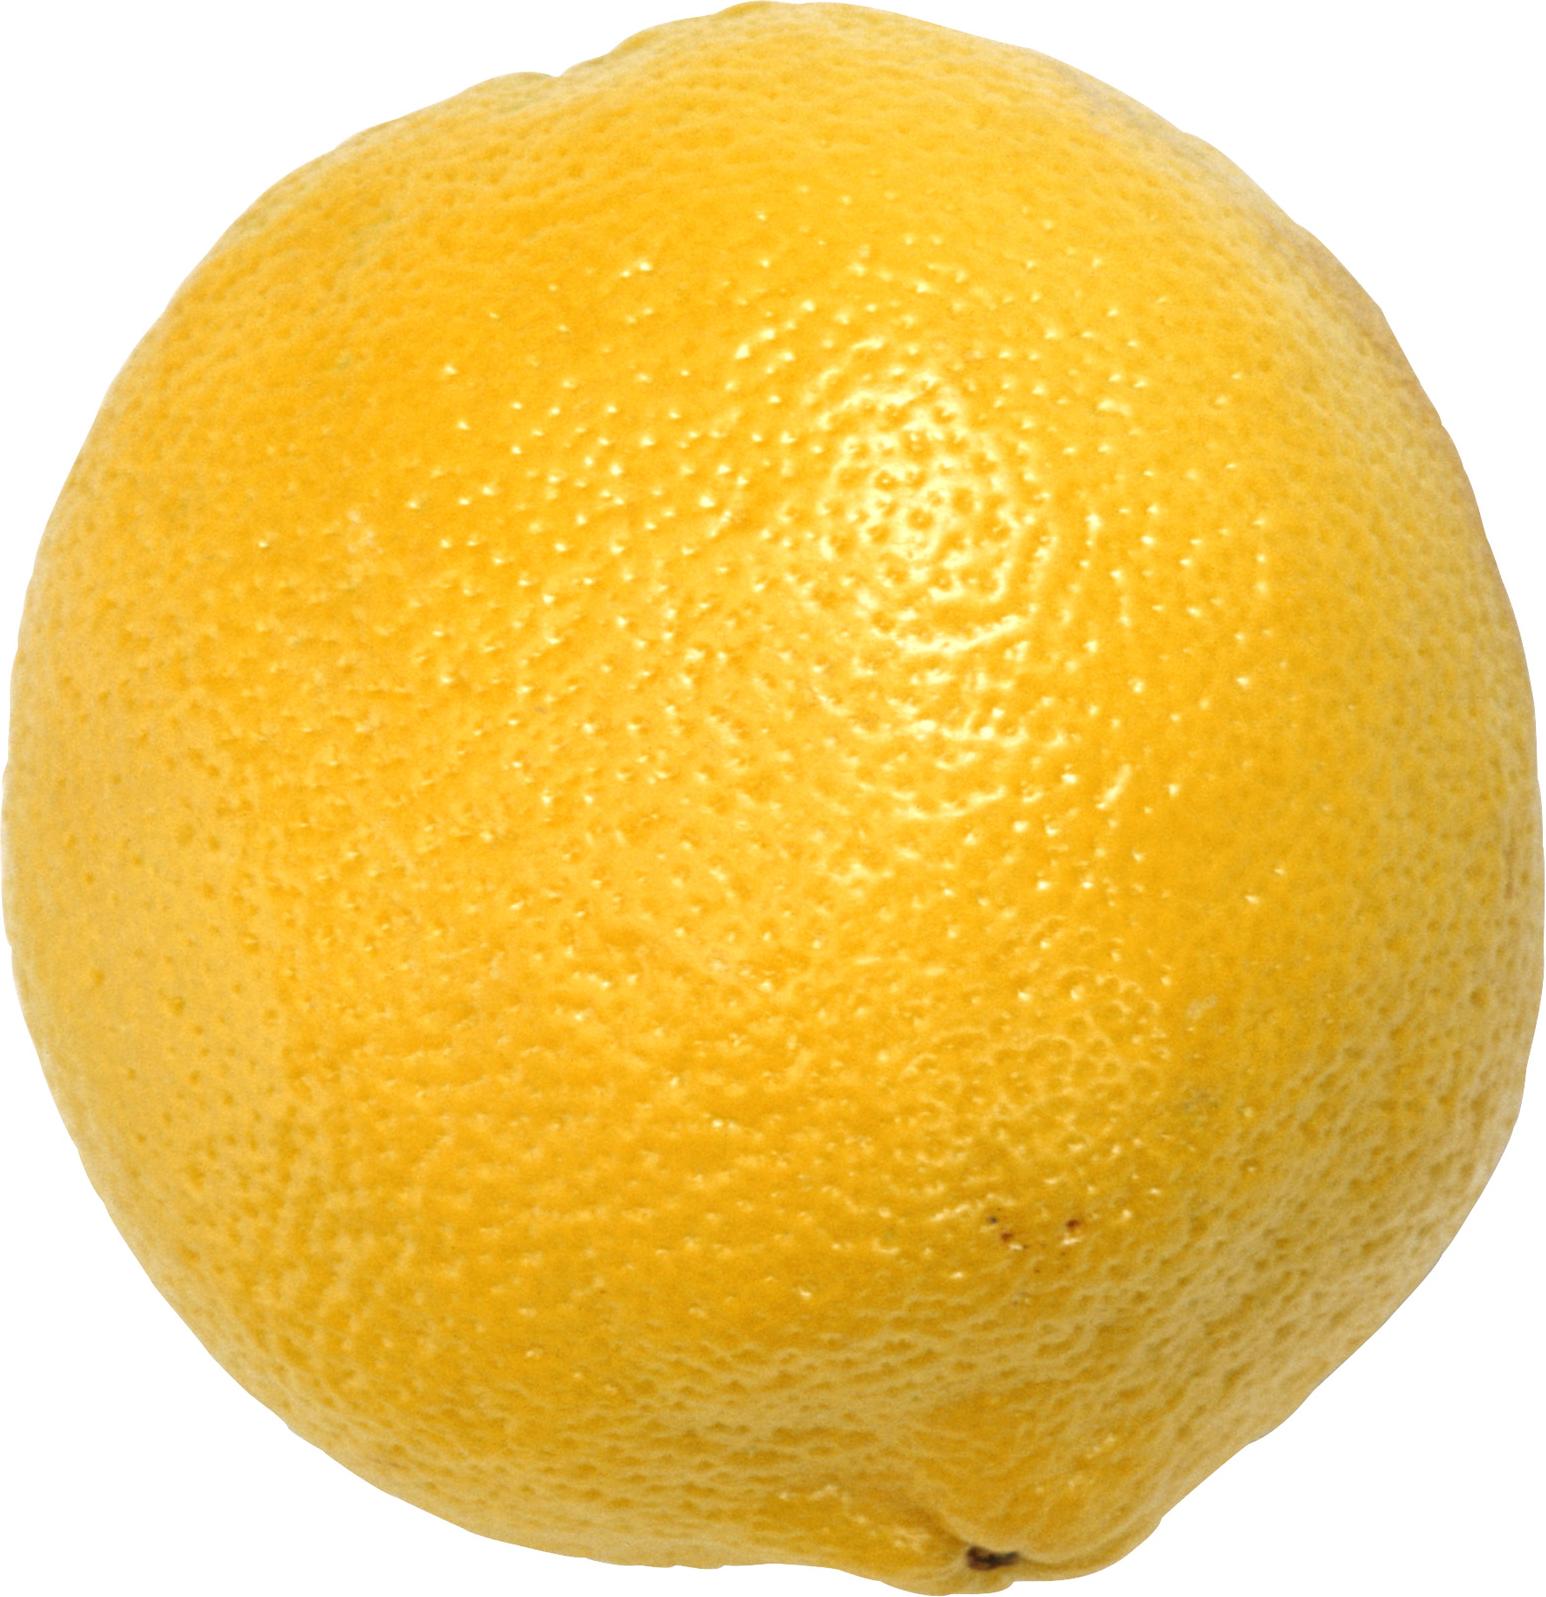 Lemon PNG images